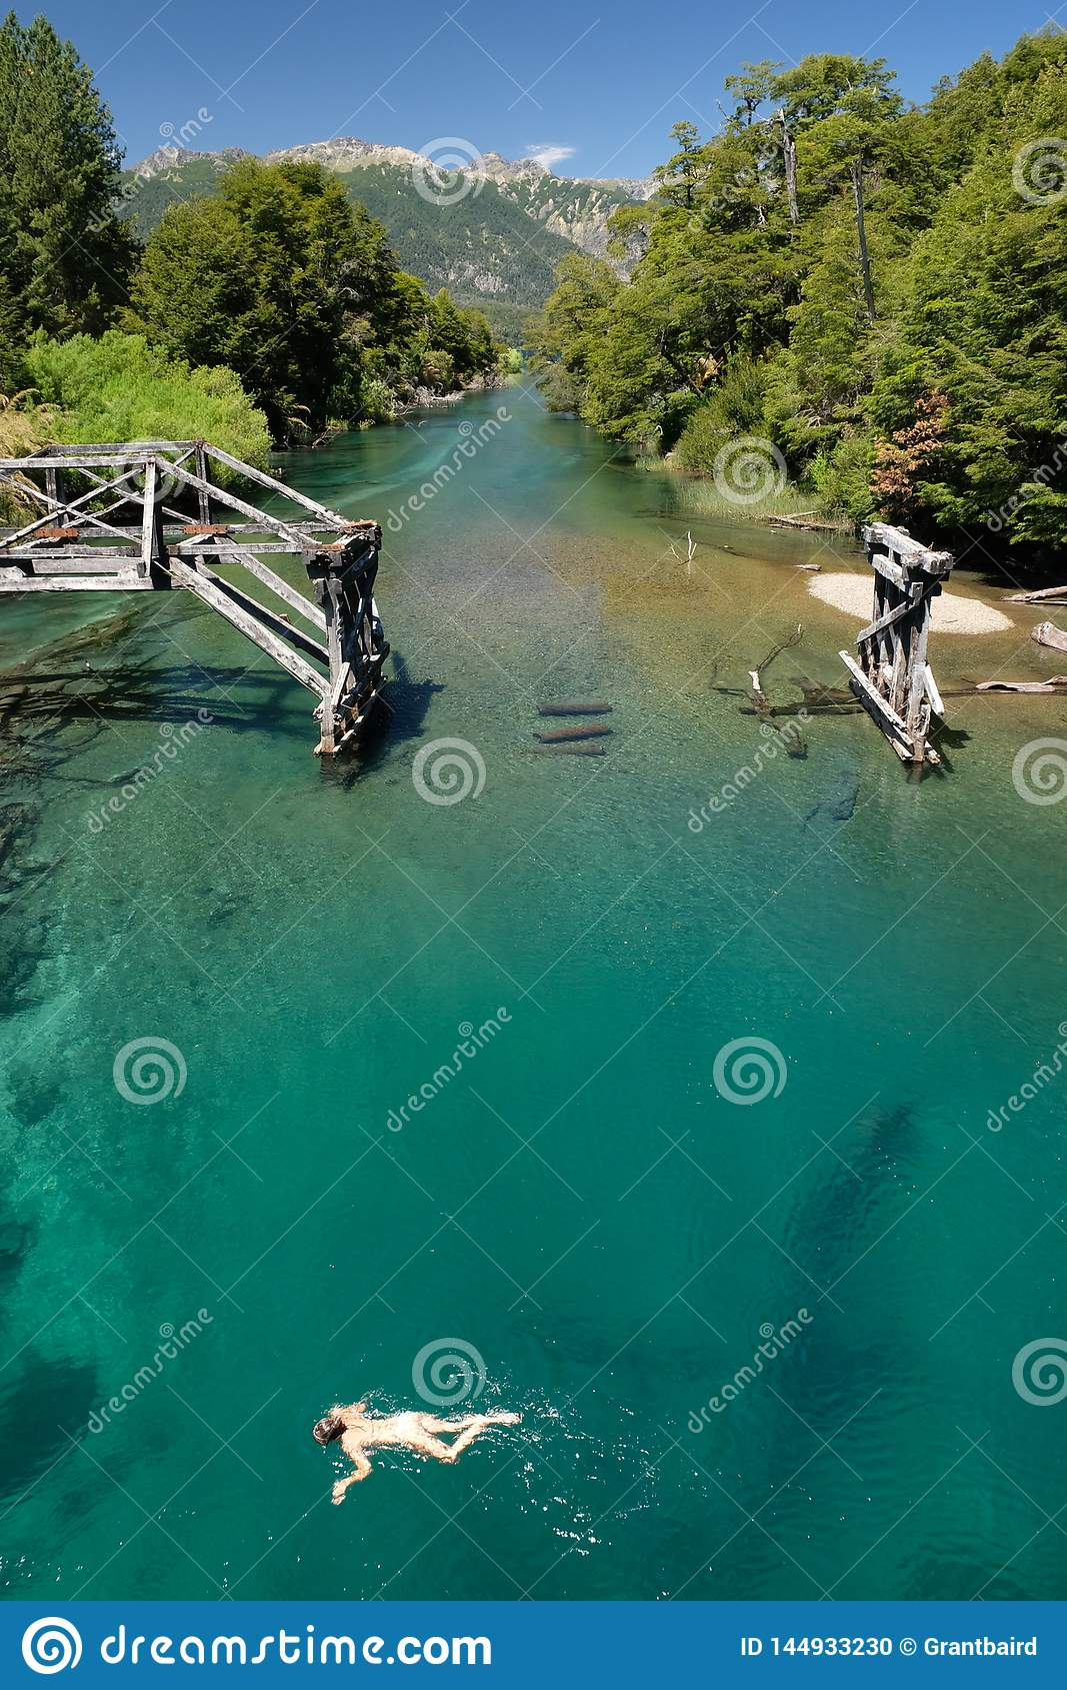 Acqua nella Patagonia, Argentina di Teal Green River con vecchio nuoto 2 della ragazza e del ponte